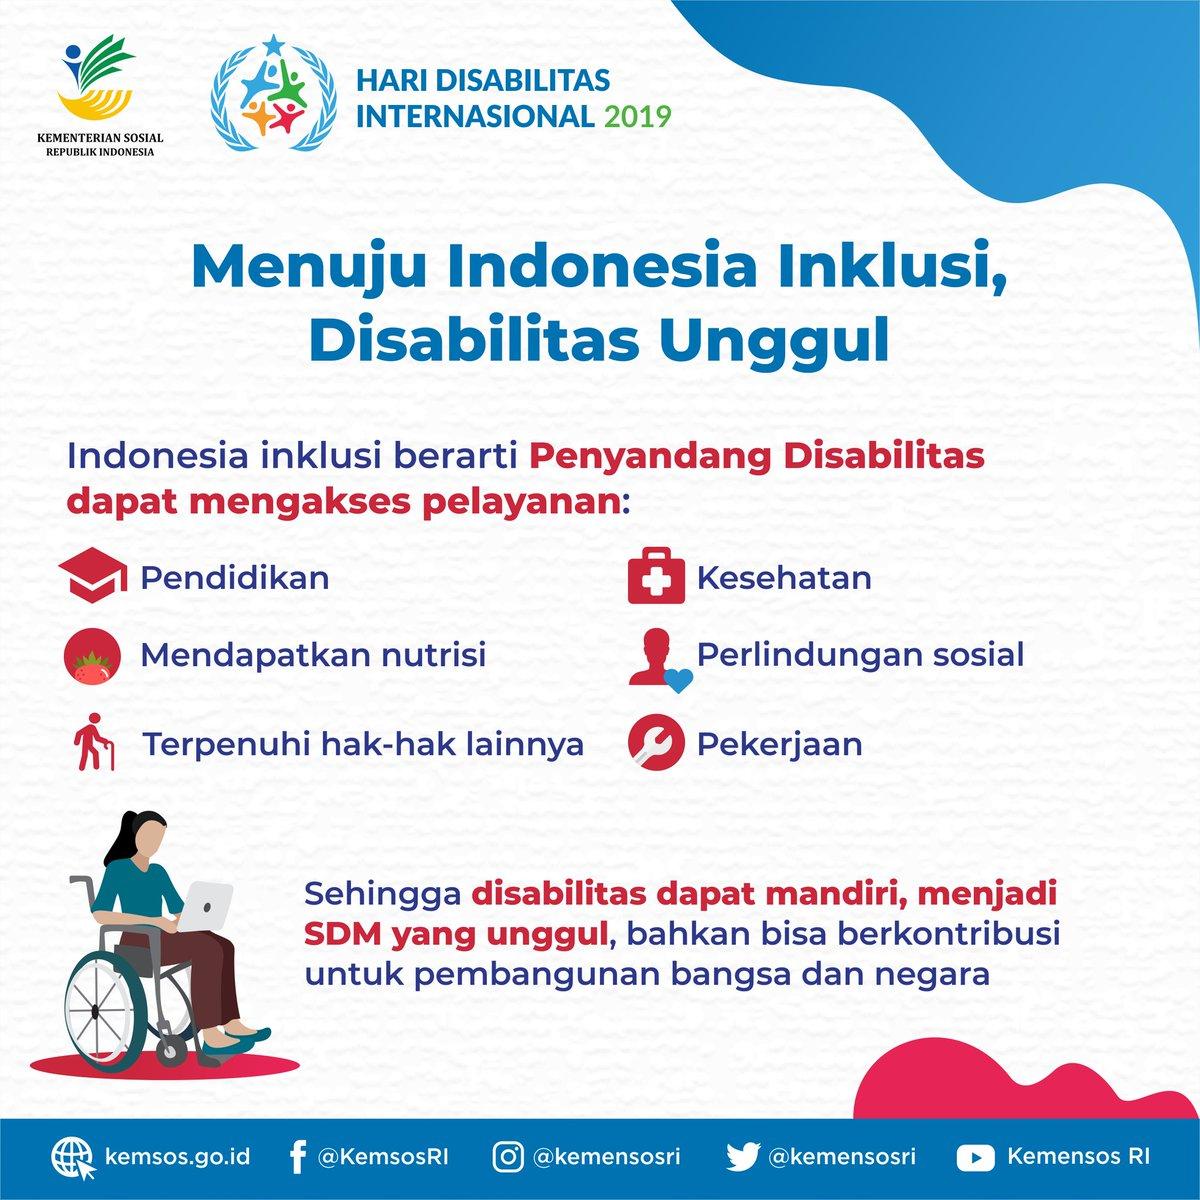 Indonesia inklusi berarti disabilitas dapat memperoleh kesempatan yang sama. Pembangunan inklusi harus menjadi arus utama dan terintegrasi di semua sektor pembangunan, dan melibatkan penyandang disabilitas sebagai pelaku dan penerima manfaat pembangunan